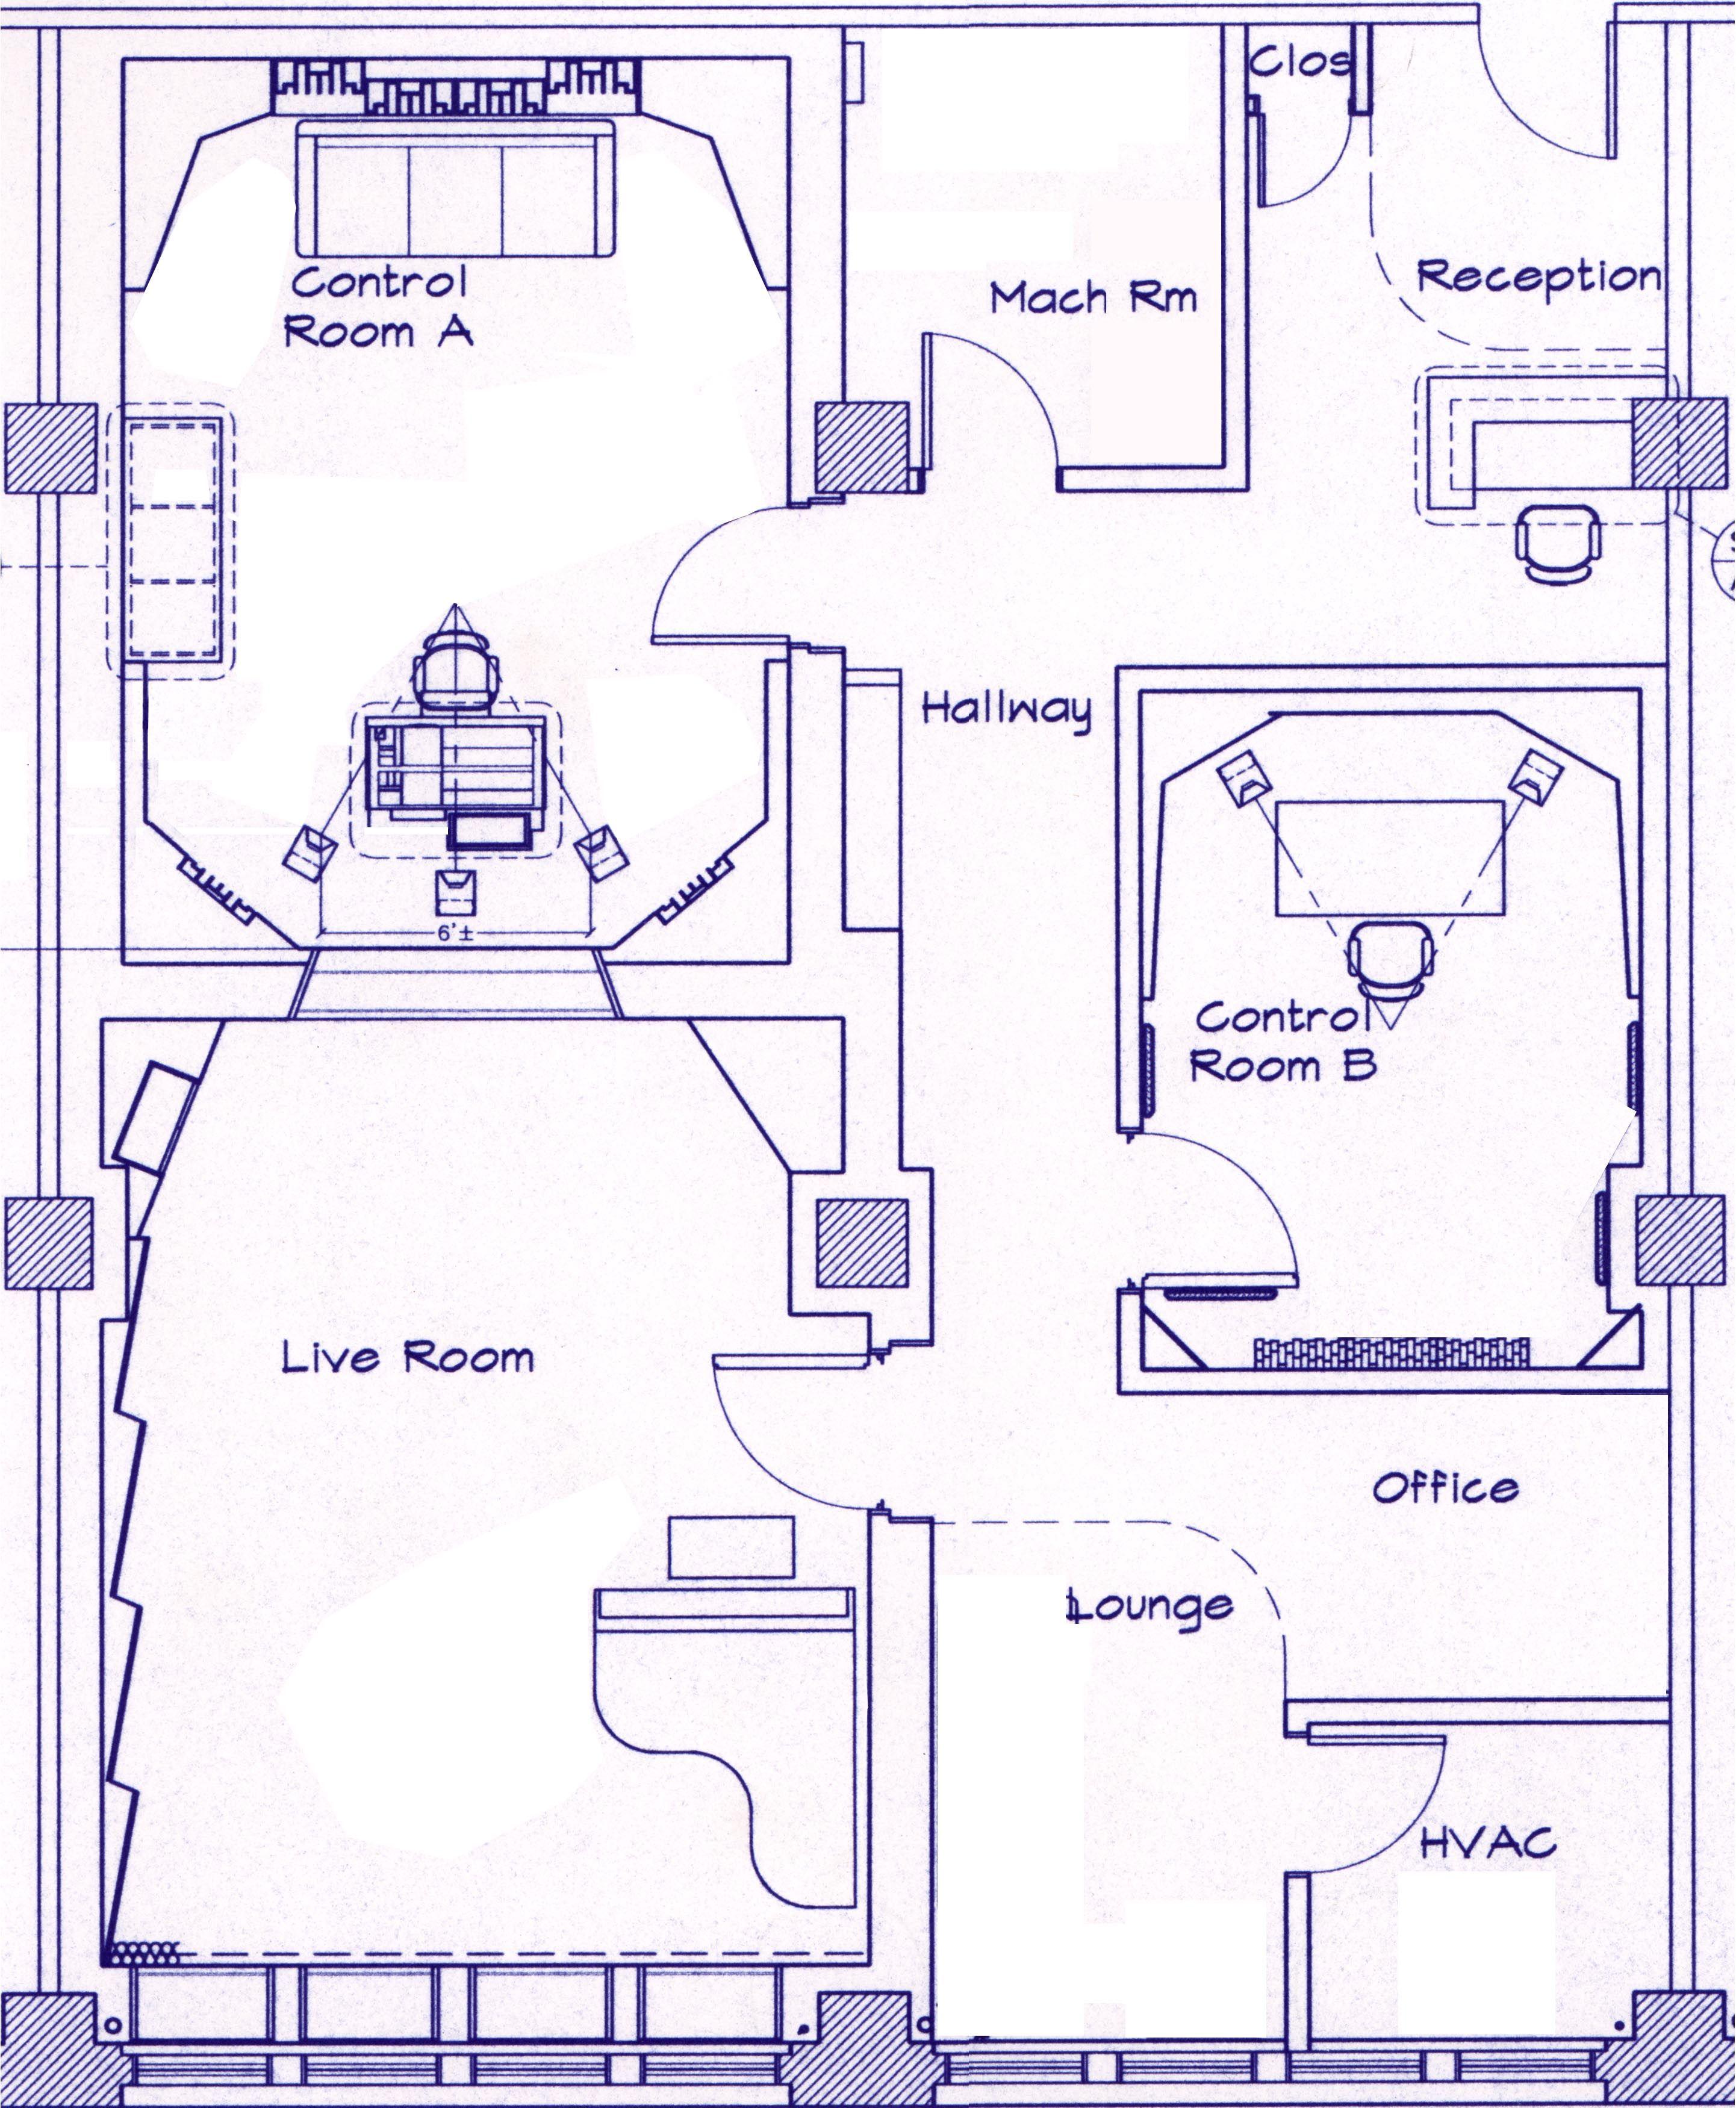 Studio a studio floor plans pinterest studio studio for Studio plan